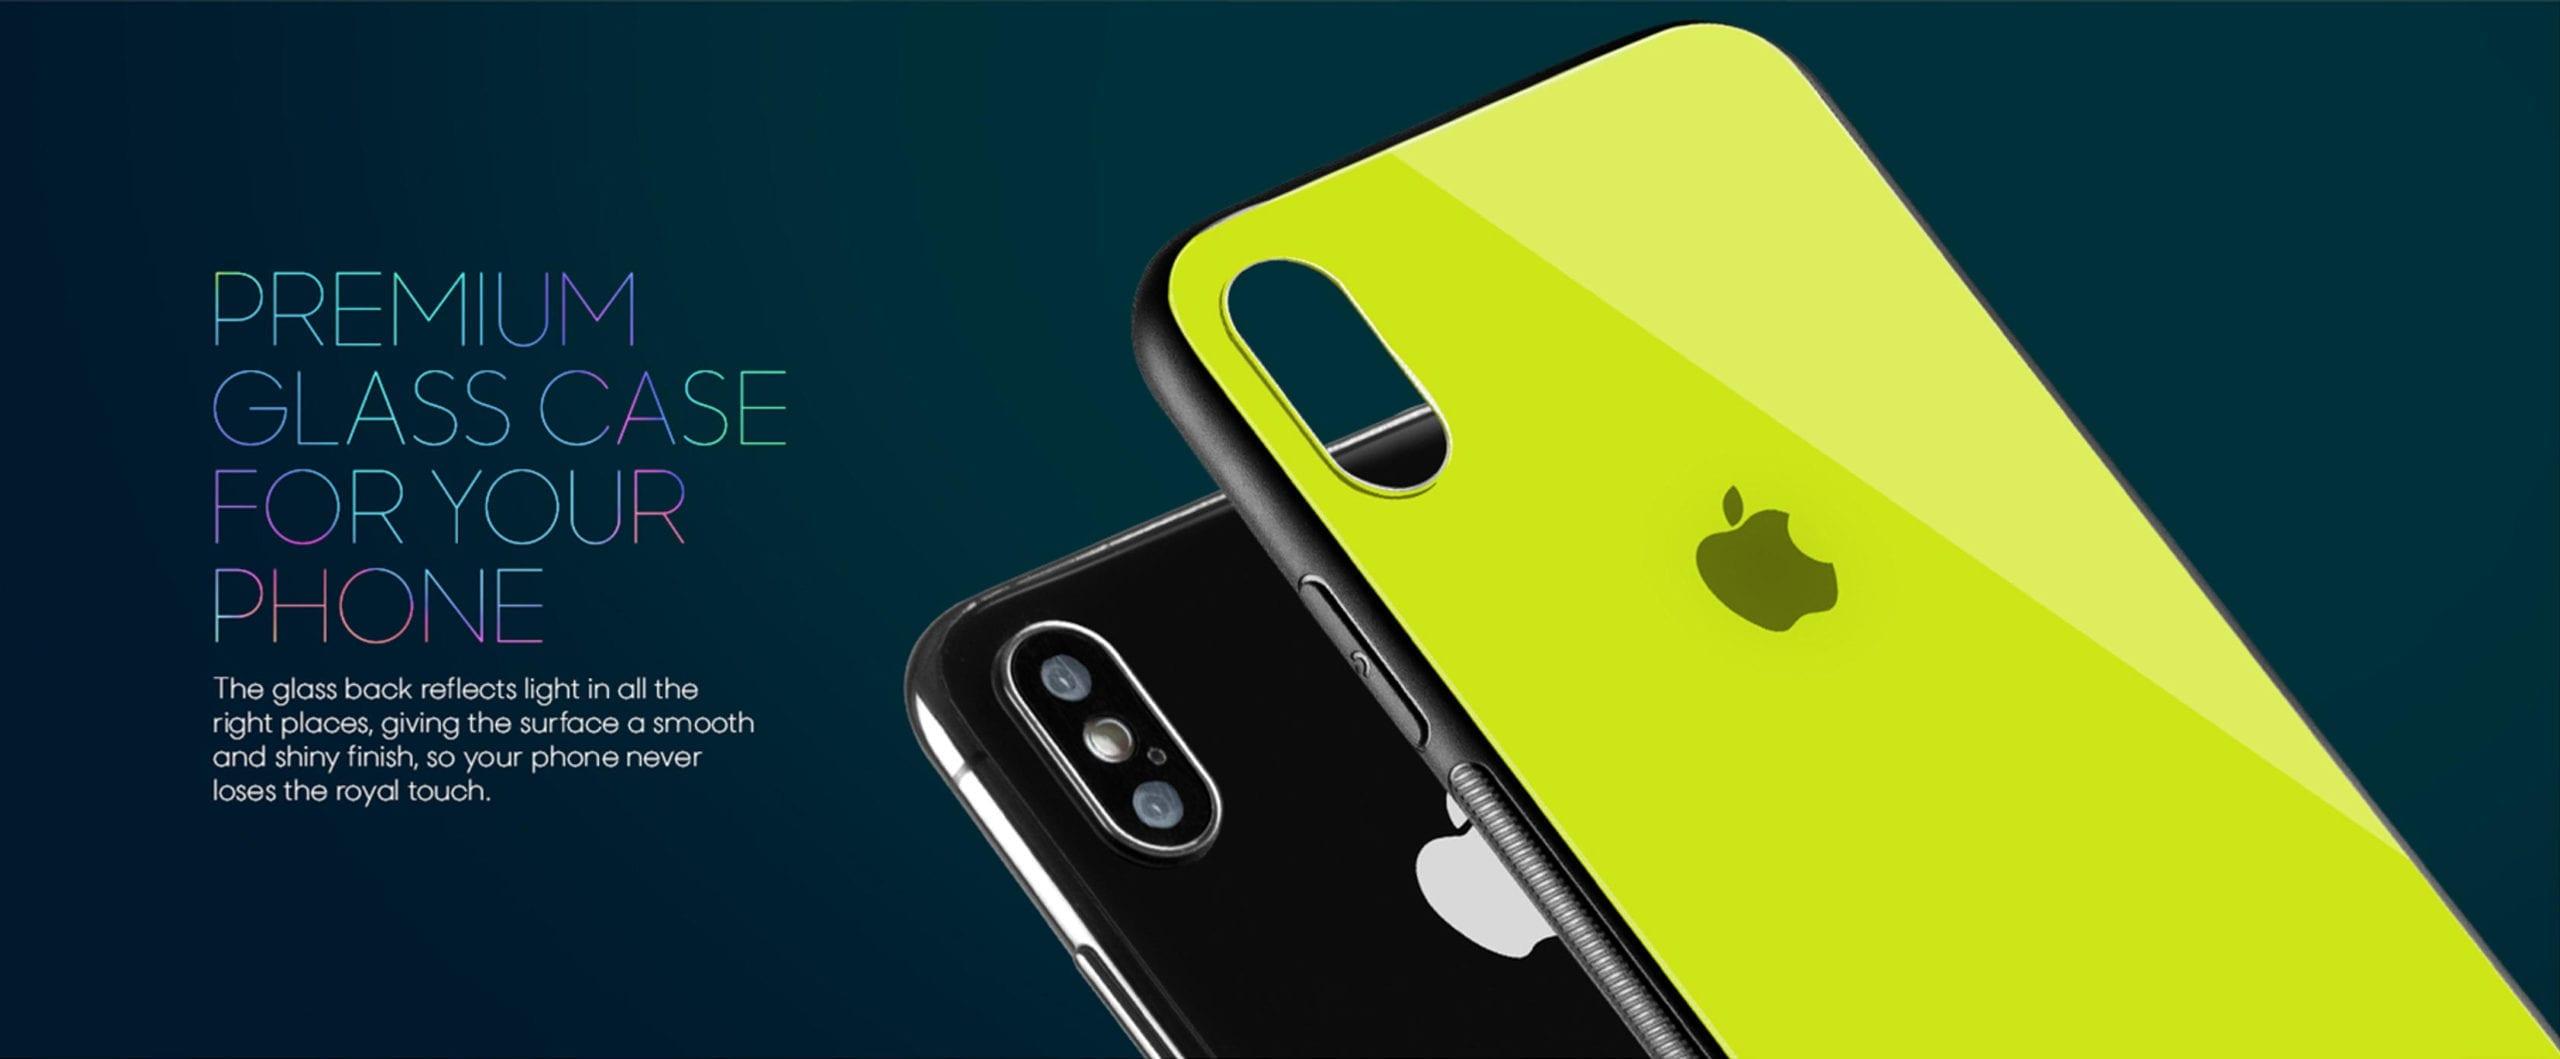 Gradiant Glass Cases for Samsung Apple | Klippik | Online Shopping | Kuwait Saudi UAE